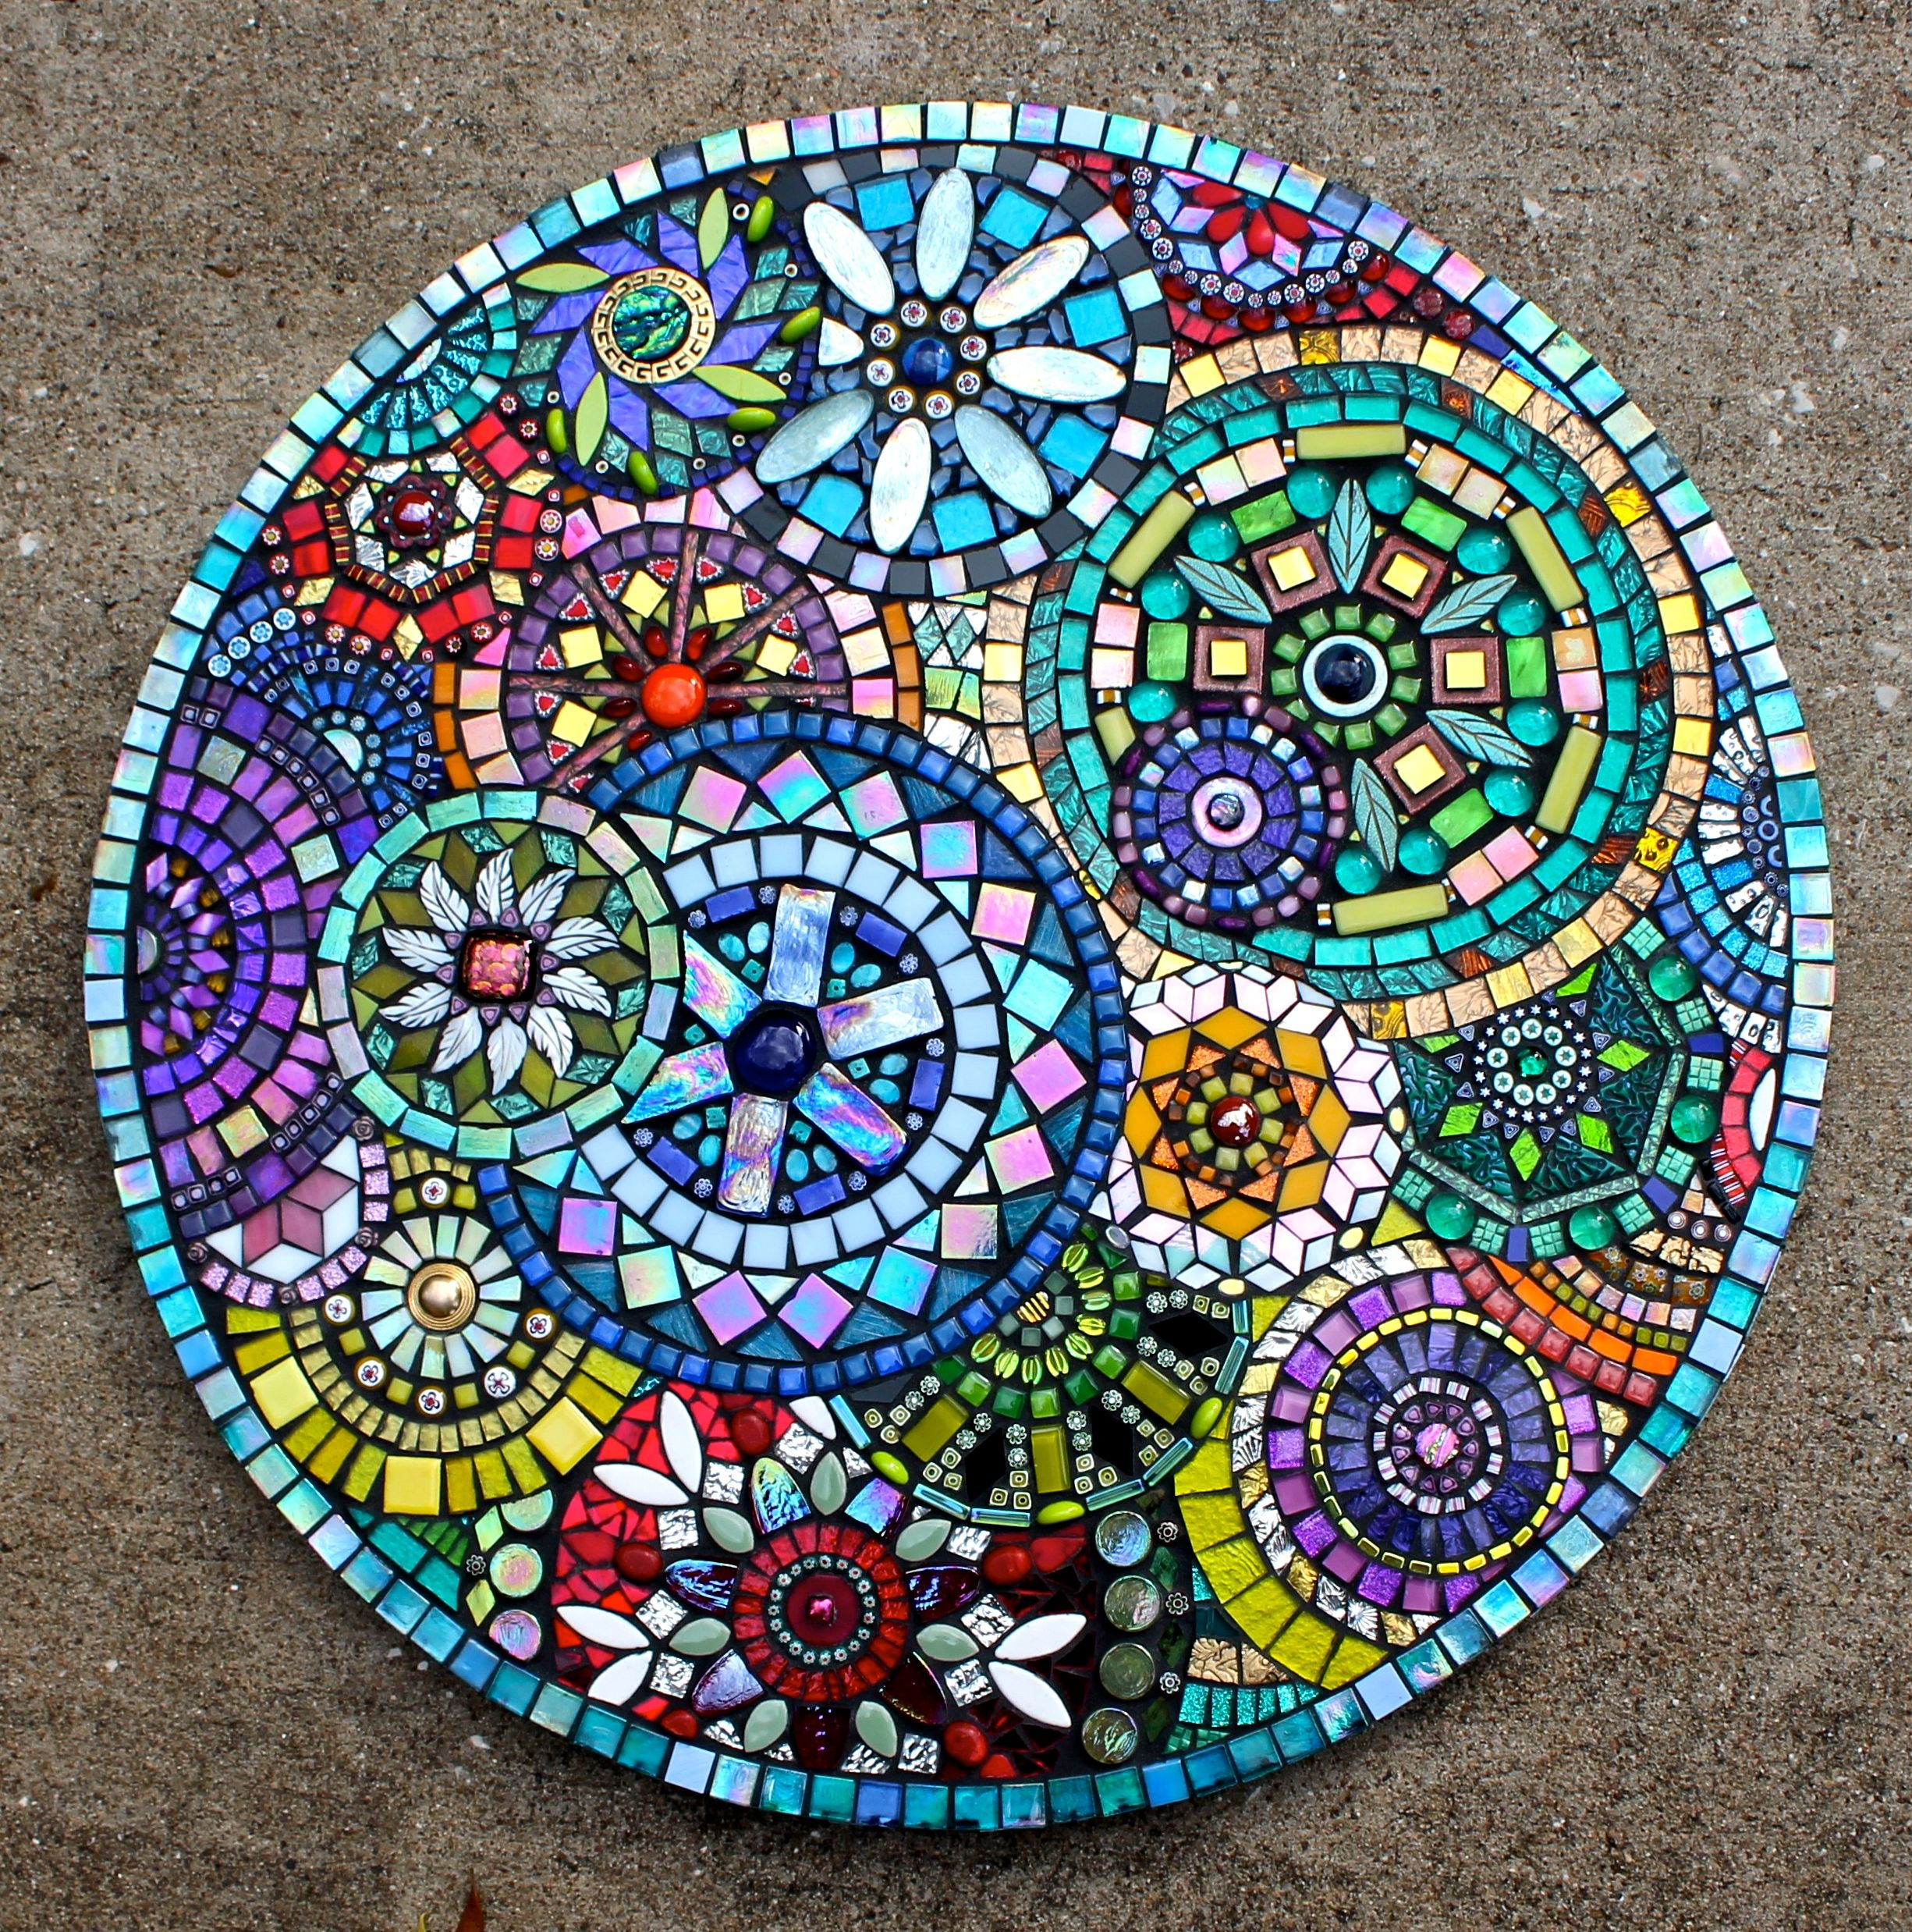 Mosaic By Plum Art Mosaics 2014 Sharon Plummer Mosaic Tile